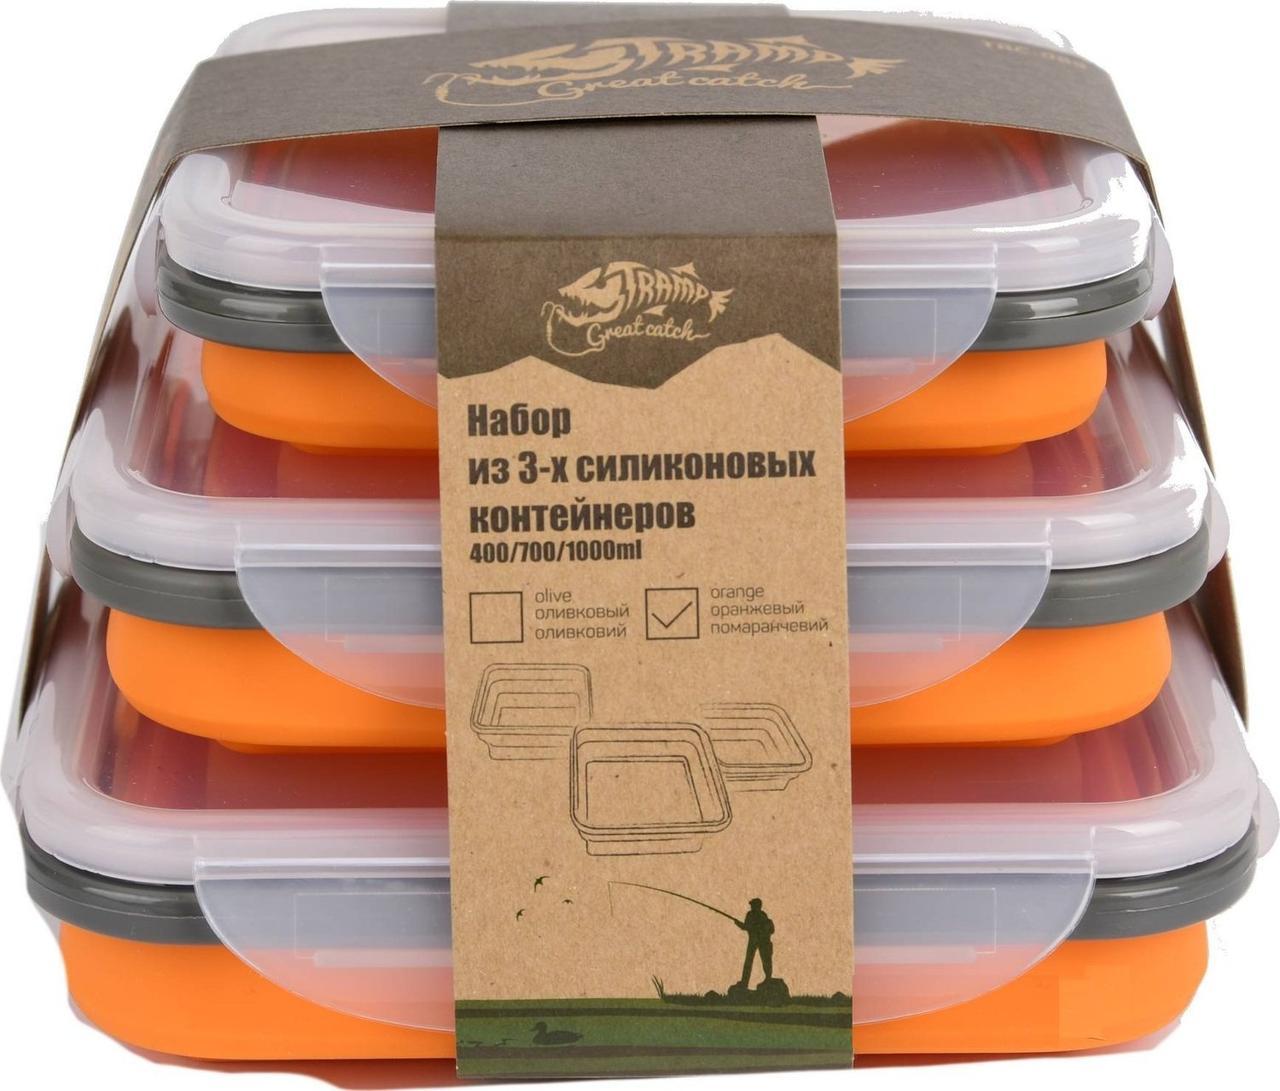 Набор контейнеров складных Tramp для пищевых продуктов Оранжевый TRC-089- (400/700/1000ml)